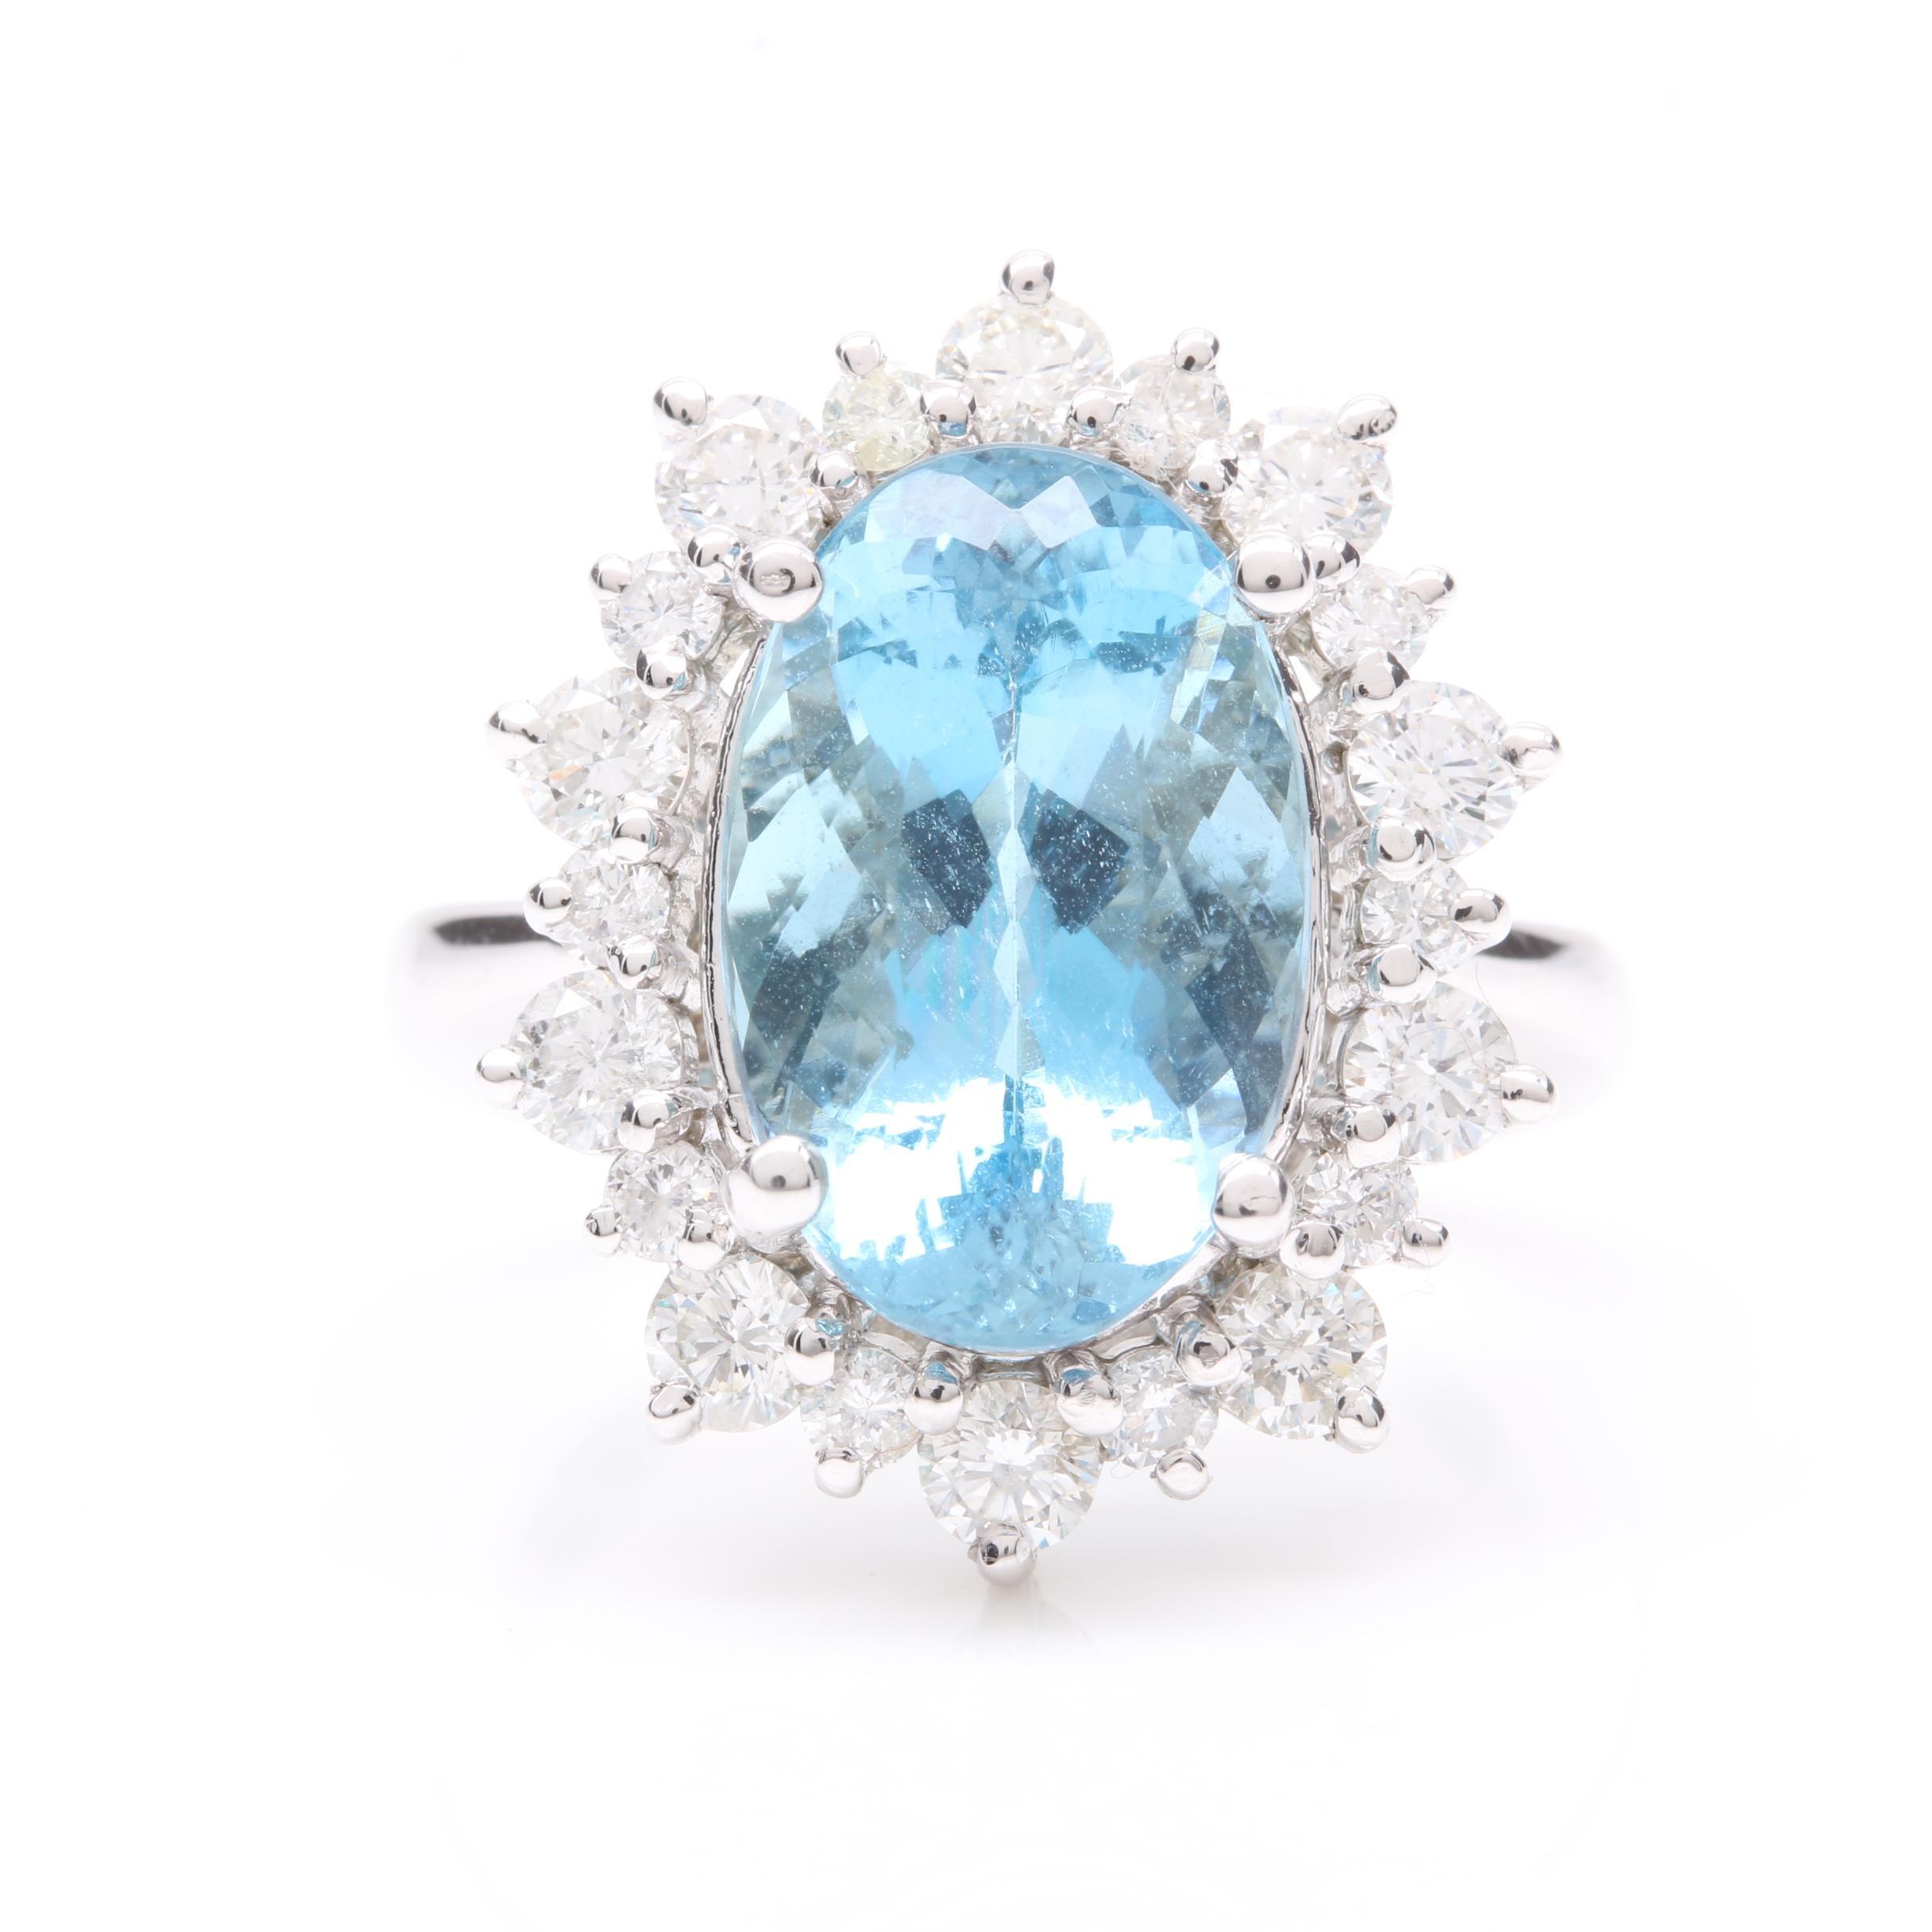 14K White Gold 5.67 CT Aquamarine and 1.20 CTW Diamond Ring